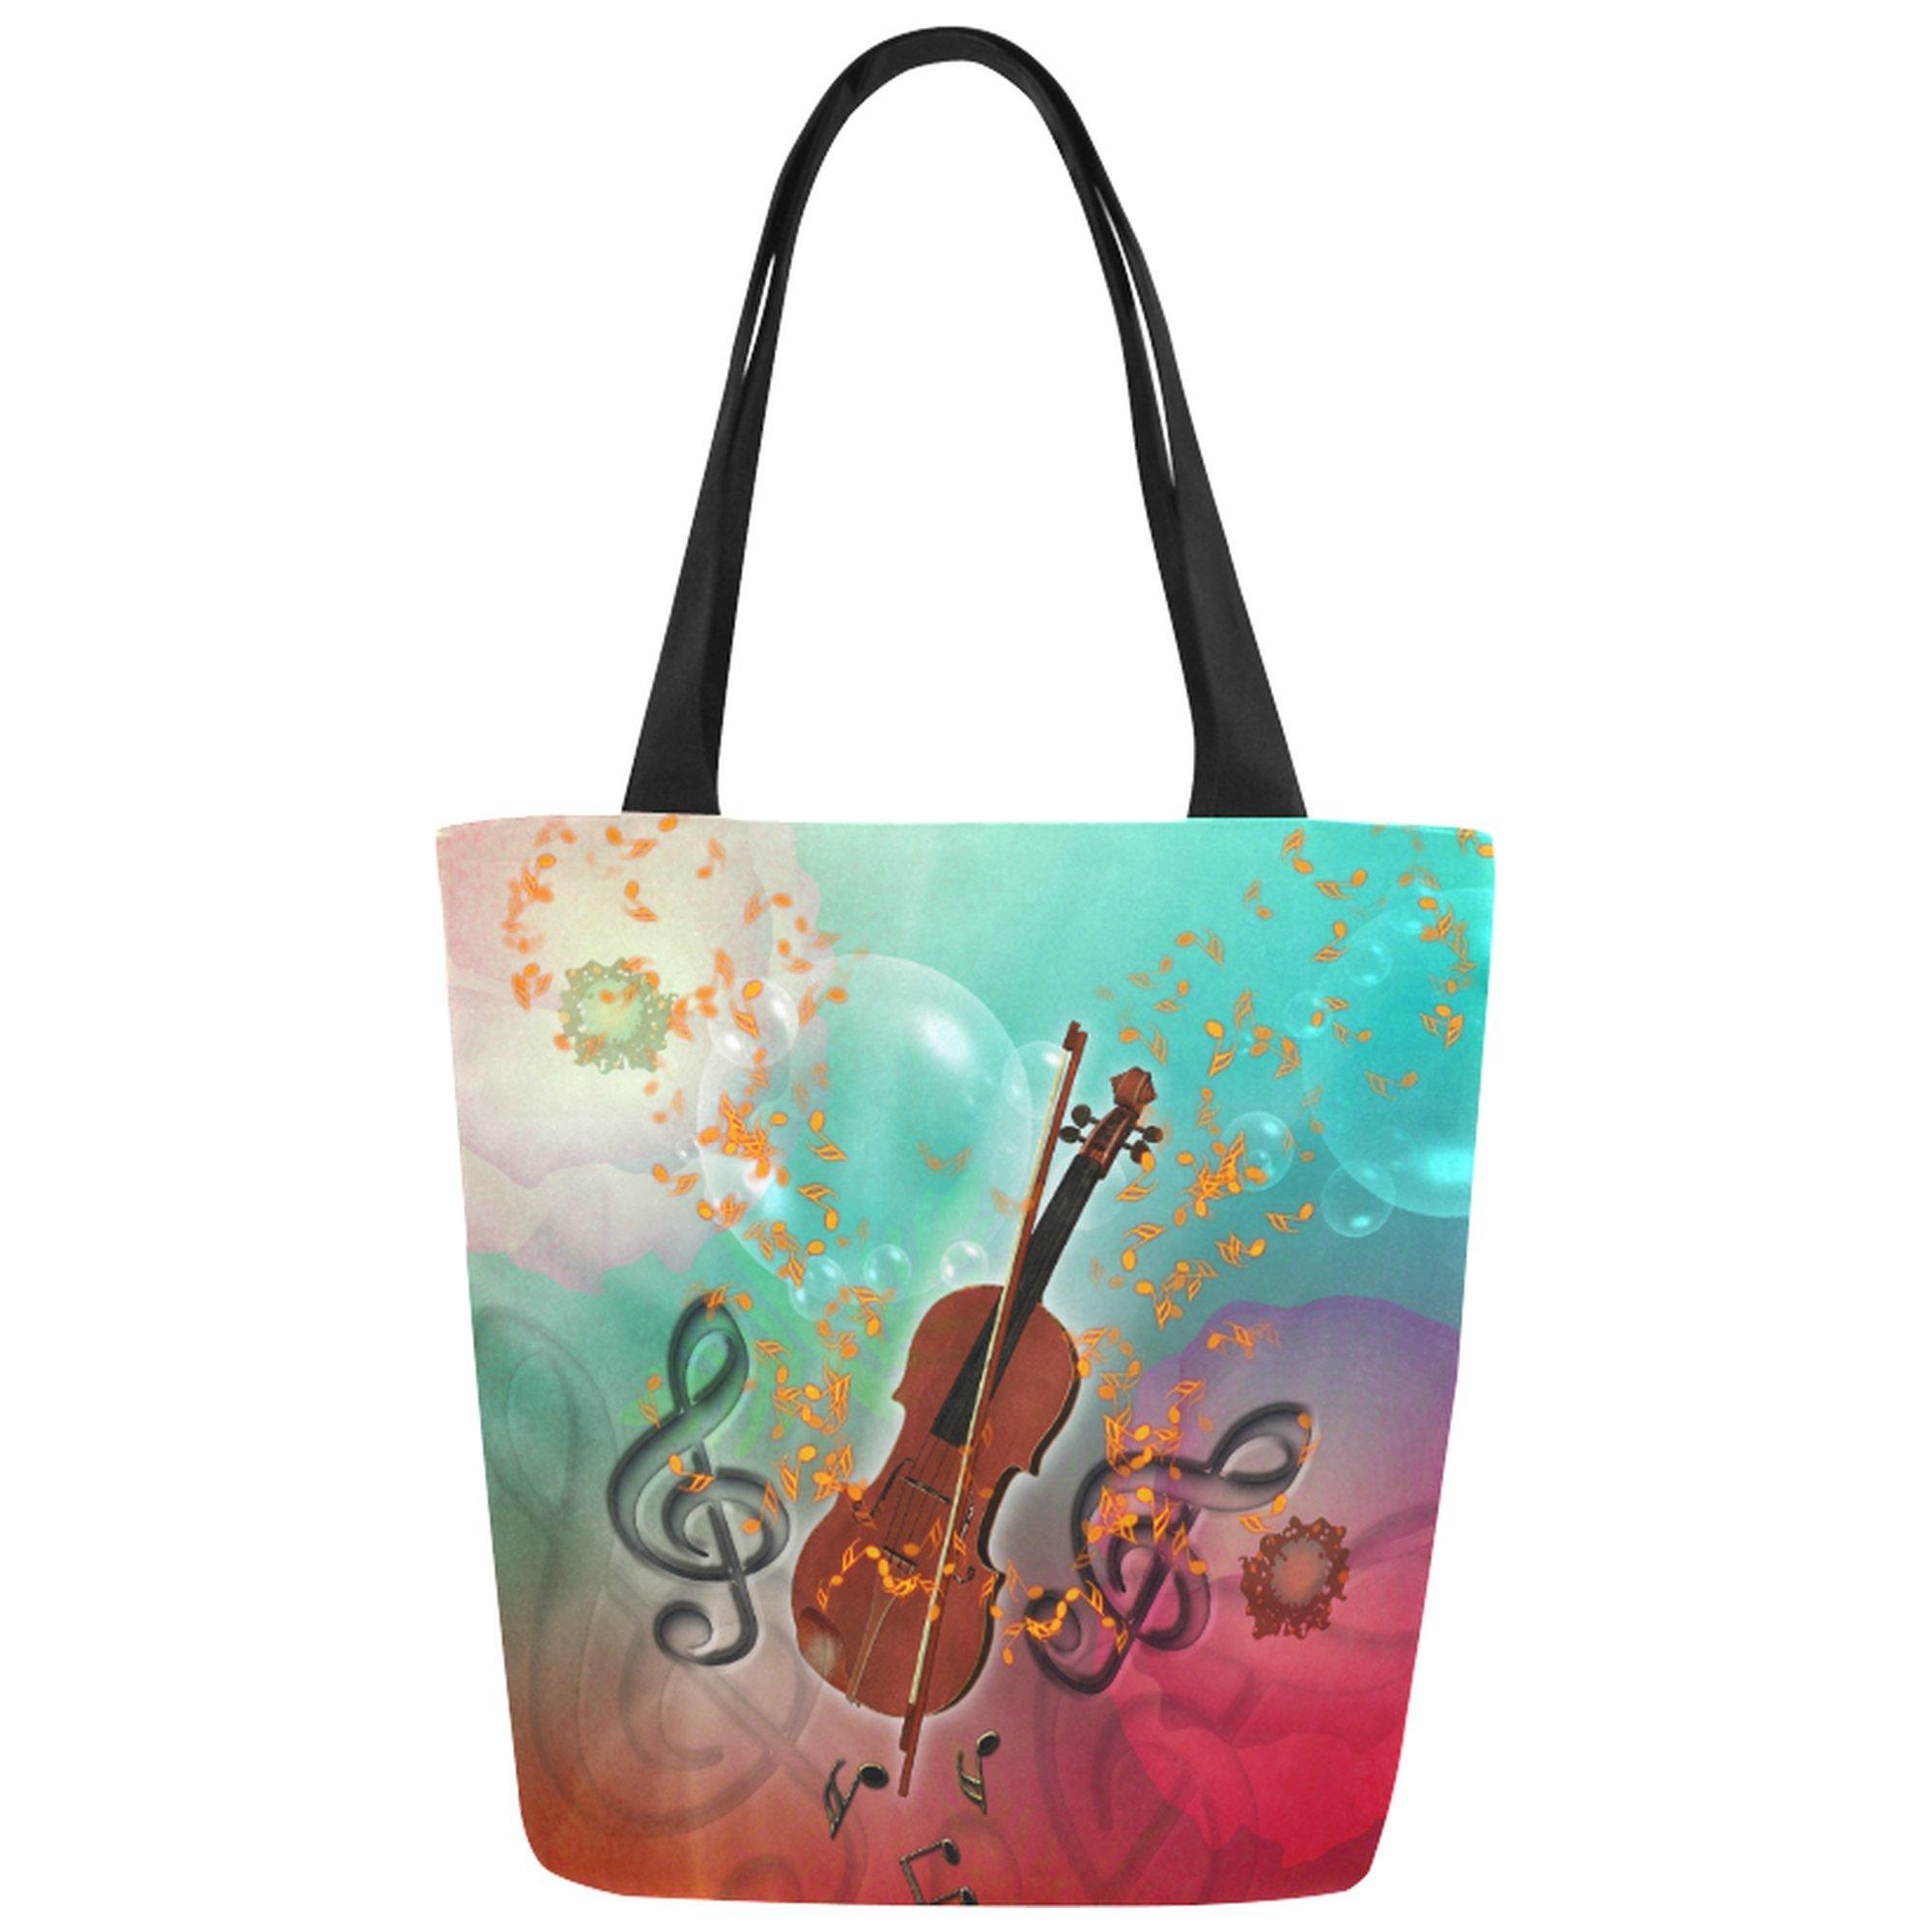 InterestPrint Music Notes Canvas Tote Bag Shoulder Handbag for Women Girls